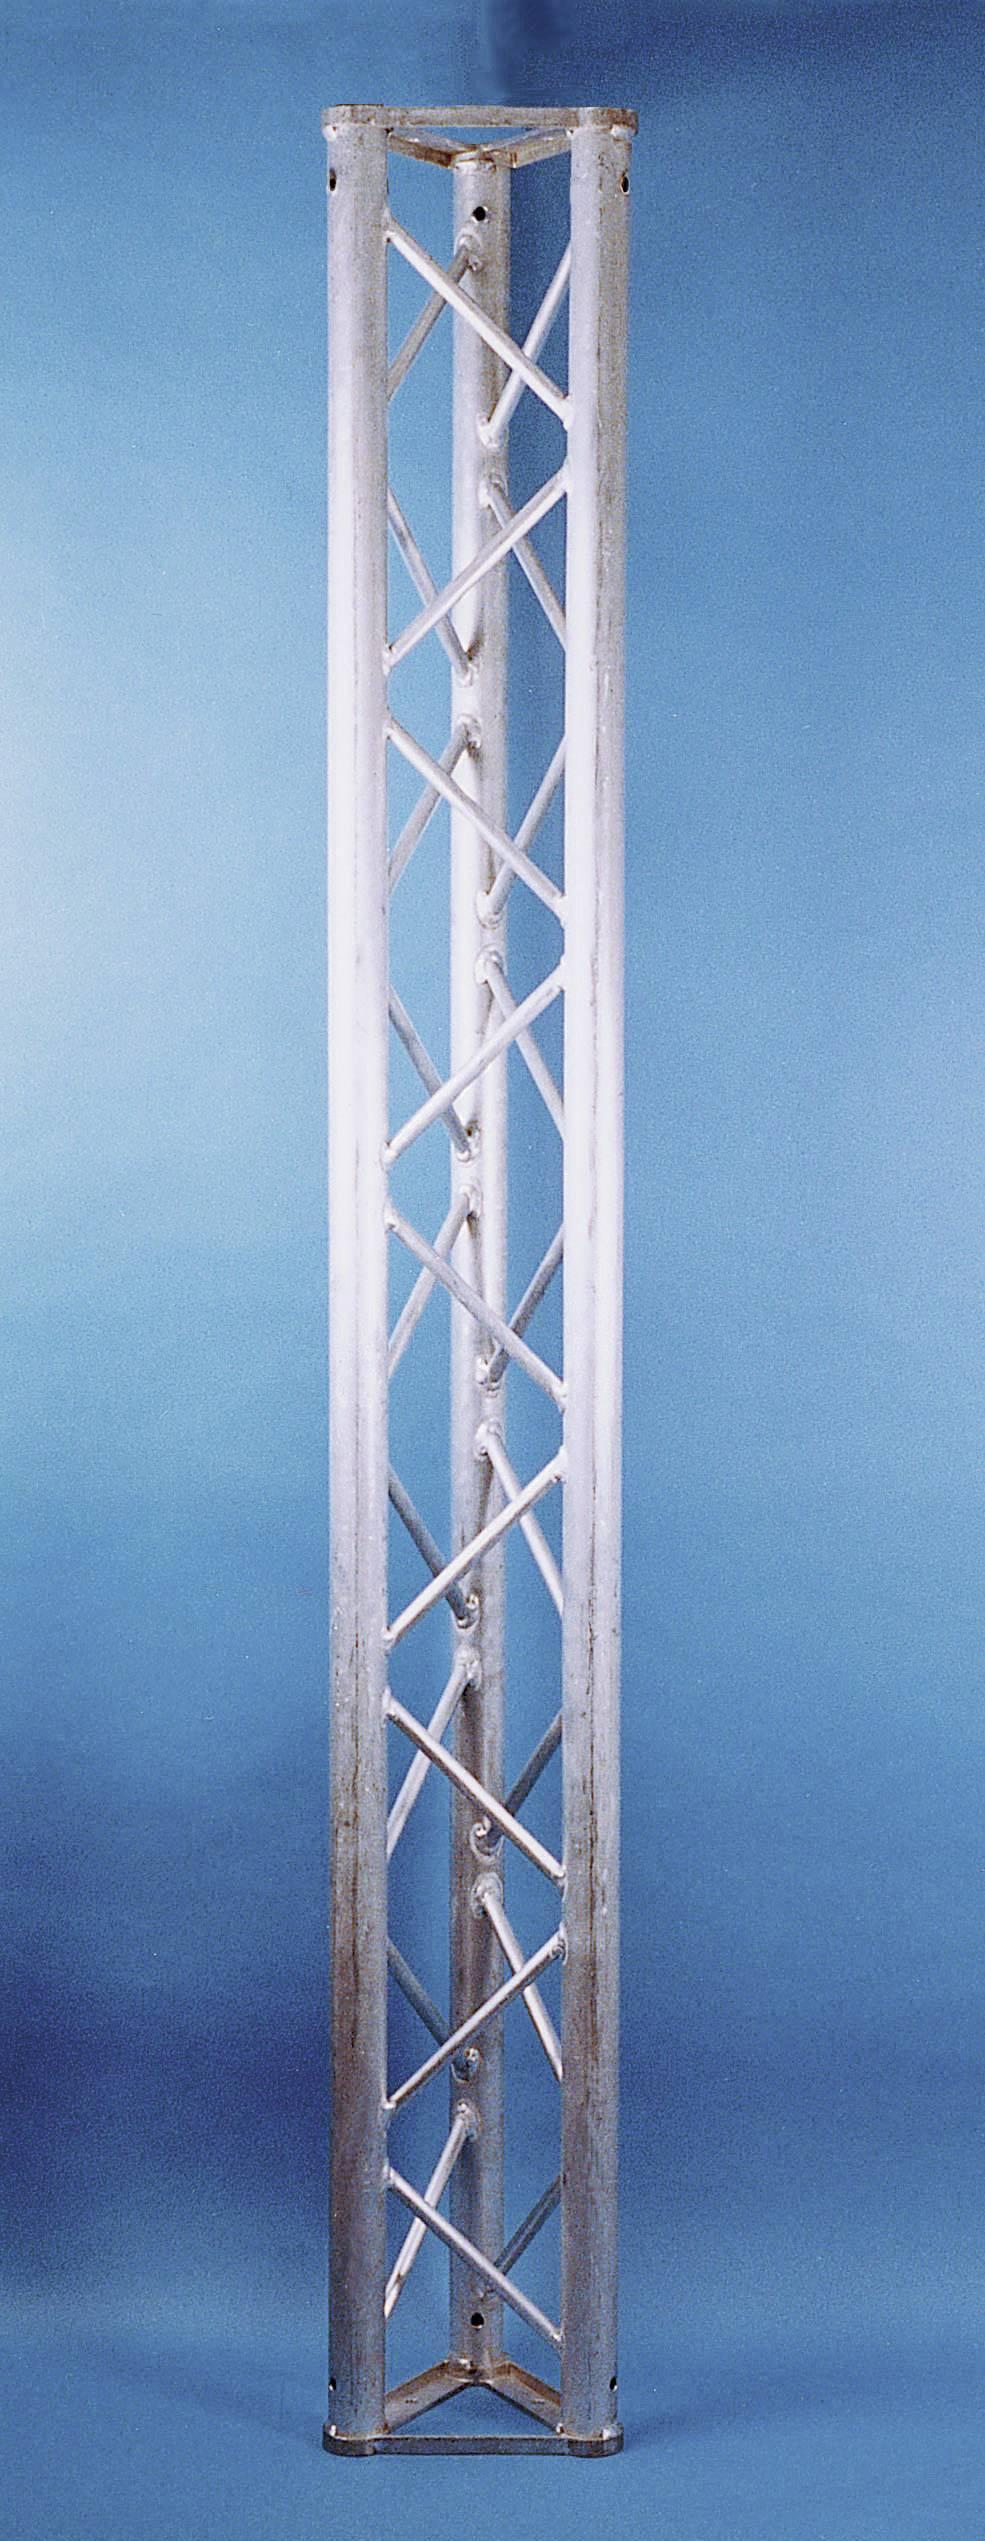 3bodová rampa Alutruss TRISYSTEM PST-2000 6020450B, 200 cm